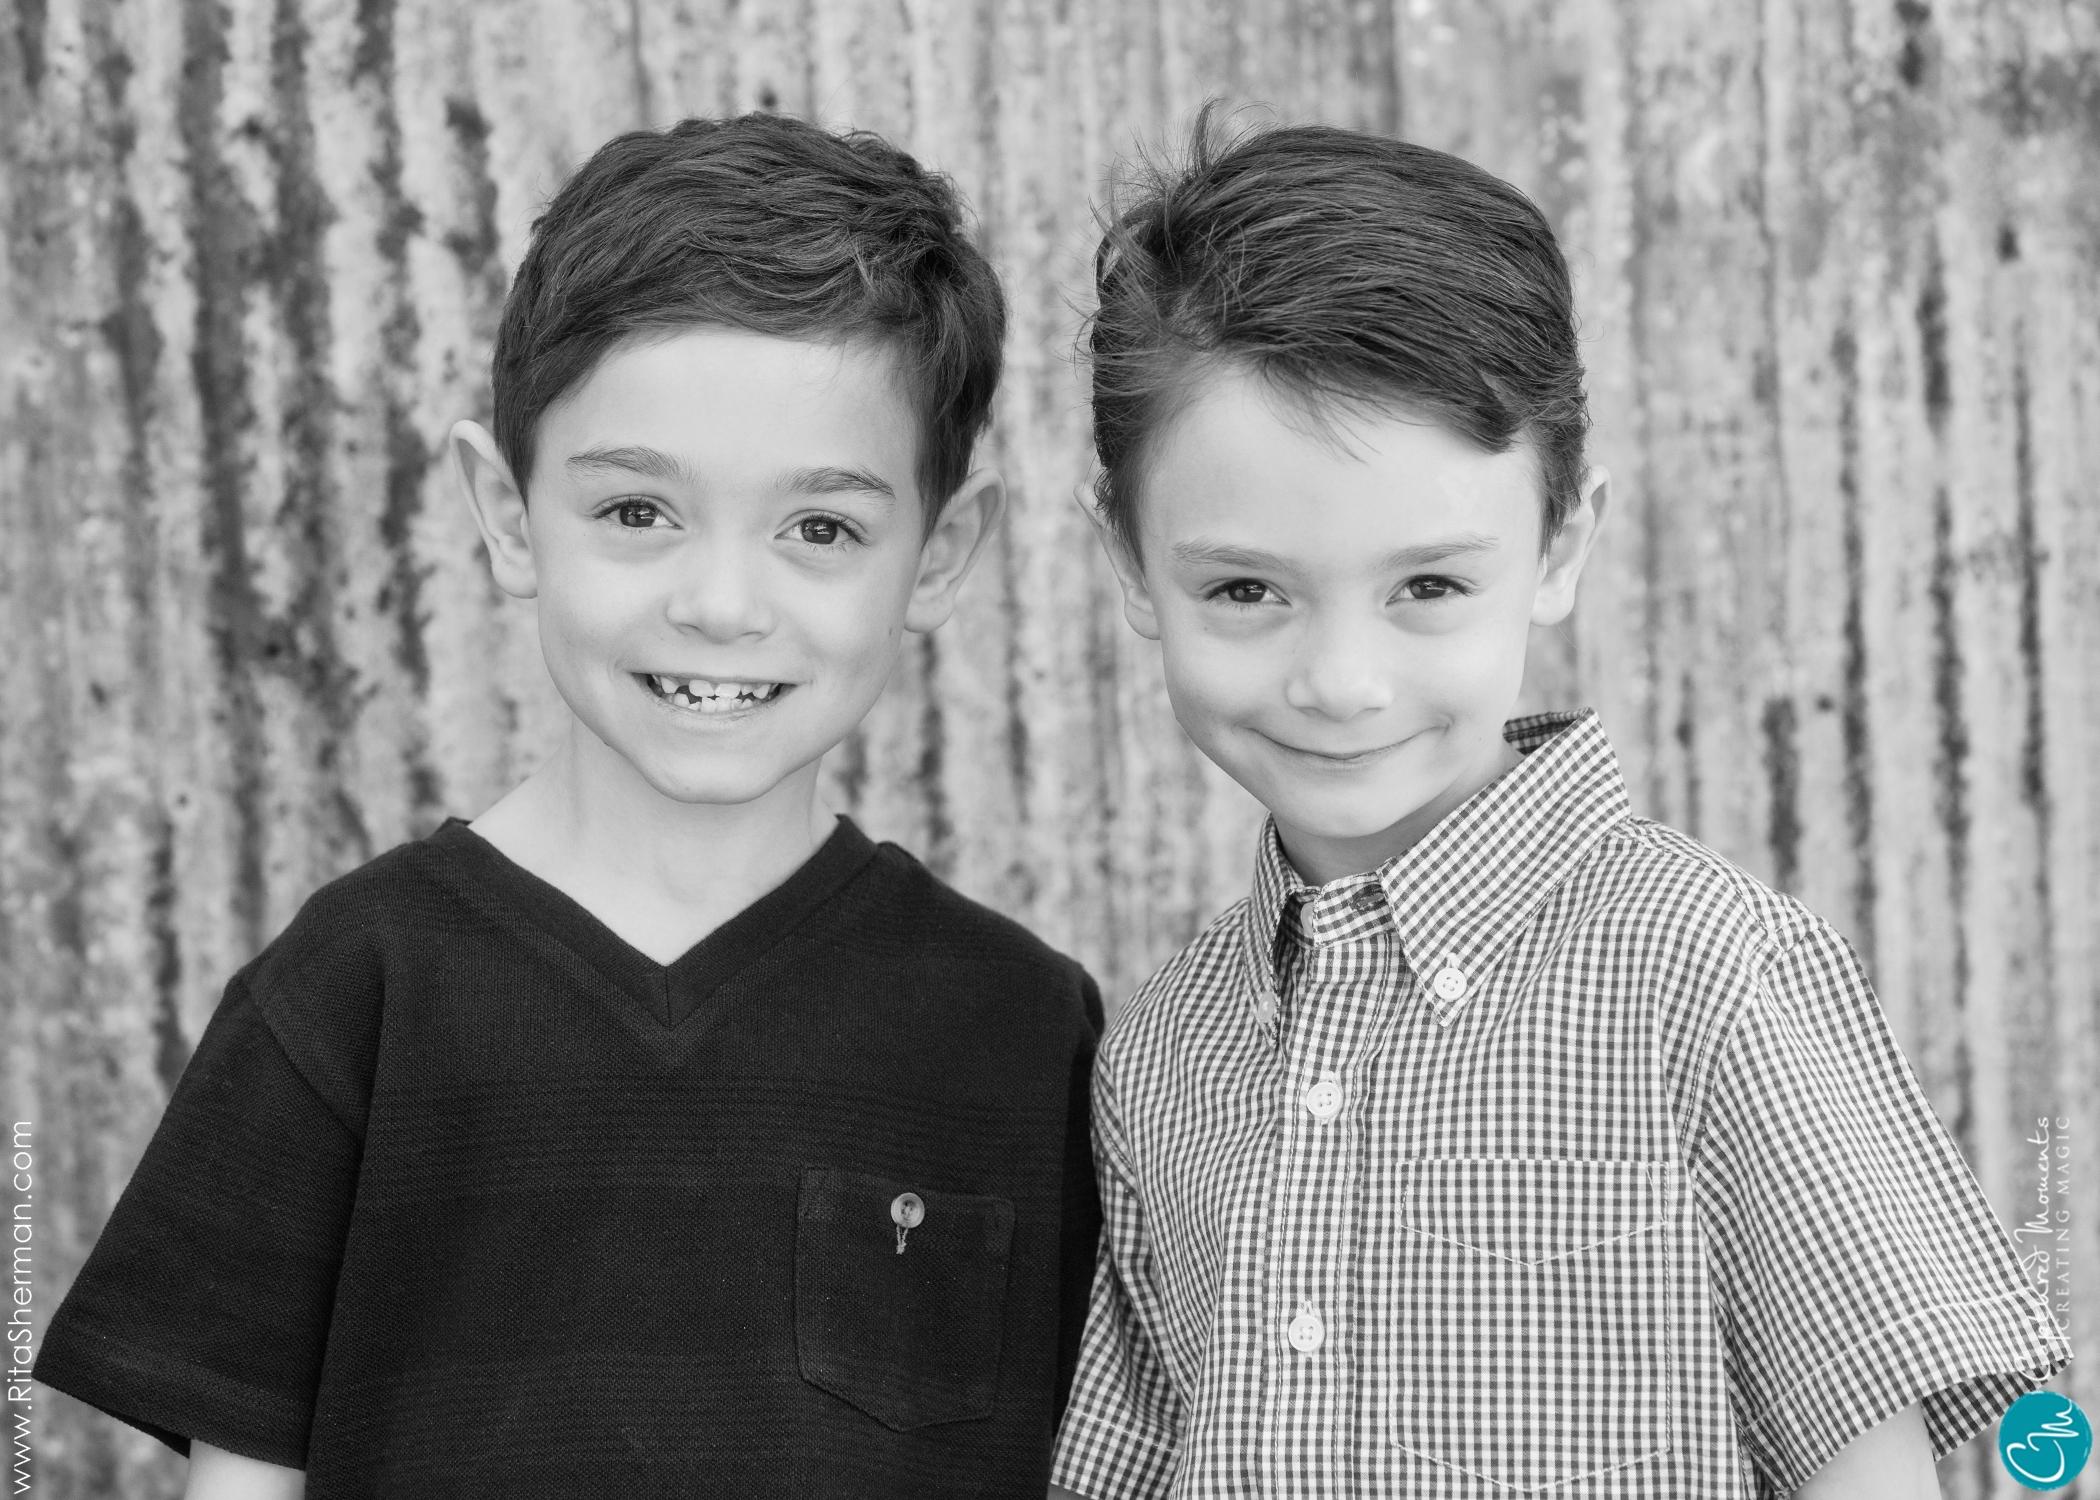 Scottsdale children portraits (4).jpg